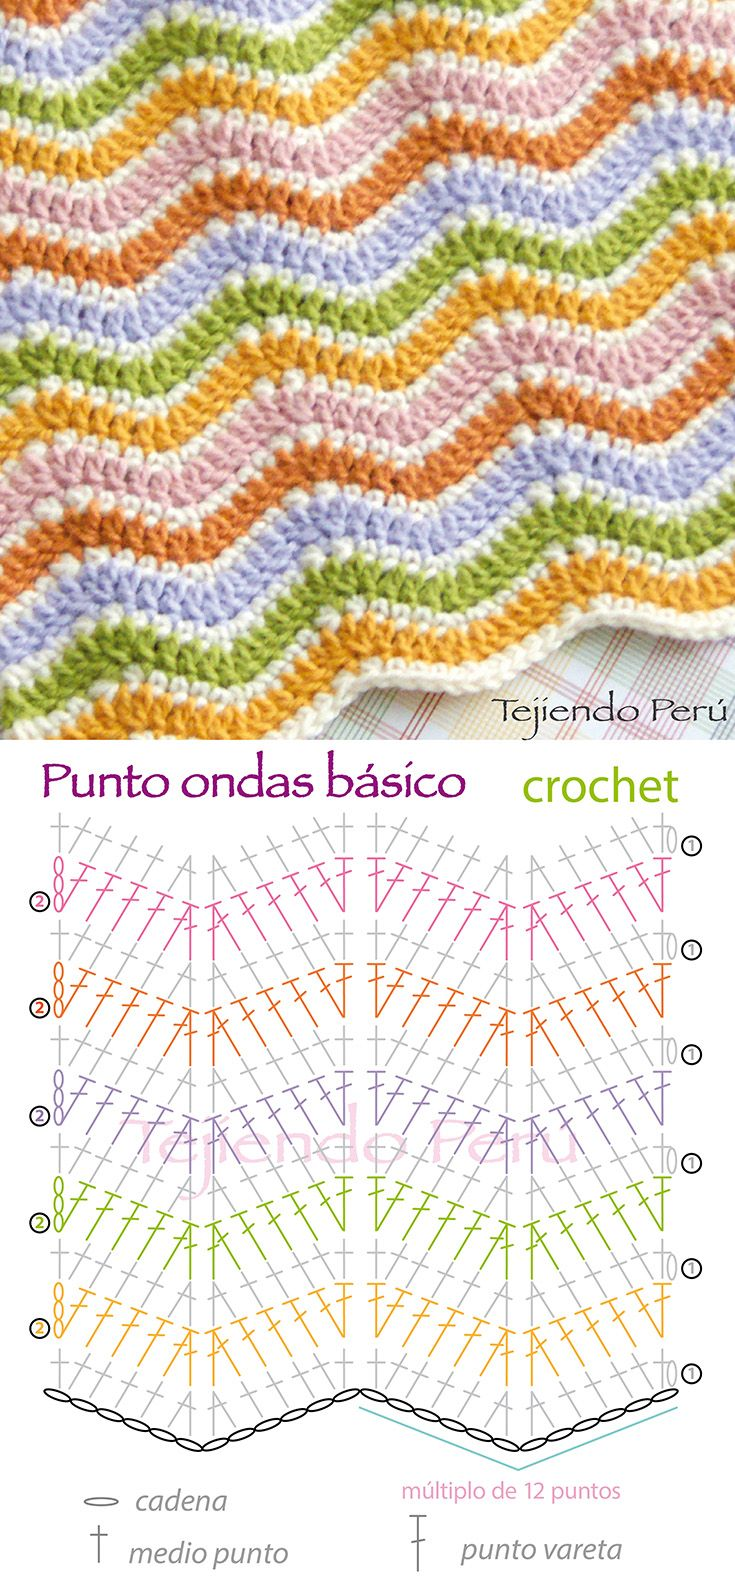 Crochet: diagrama del punto ondas básico! Más